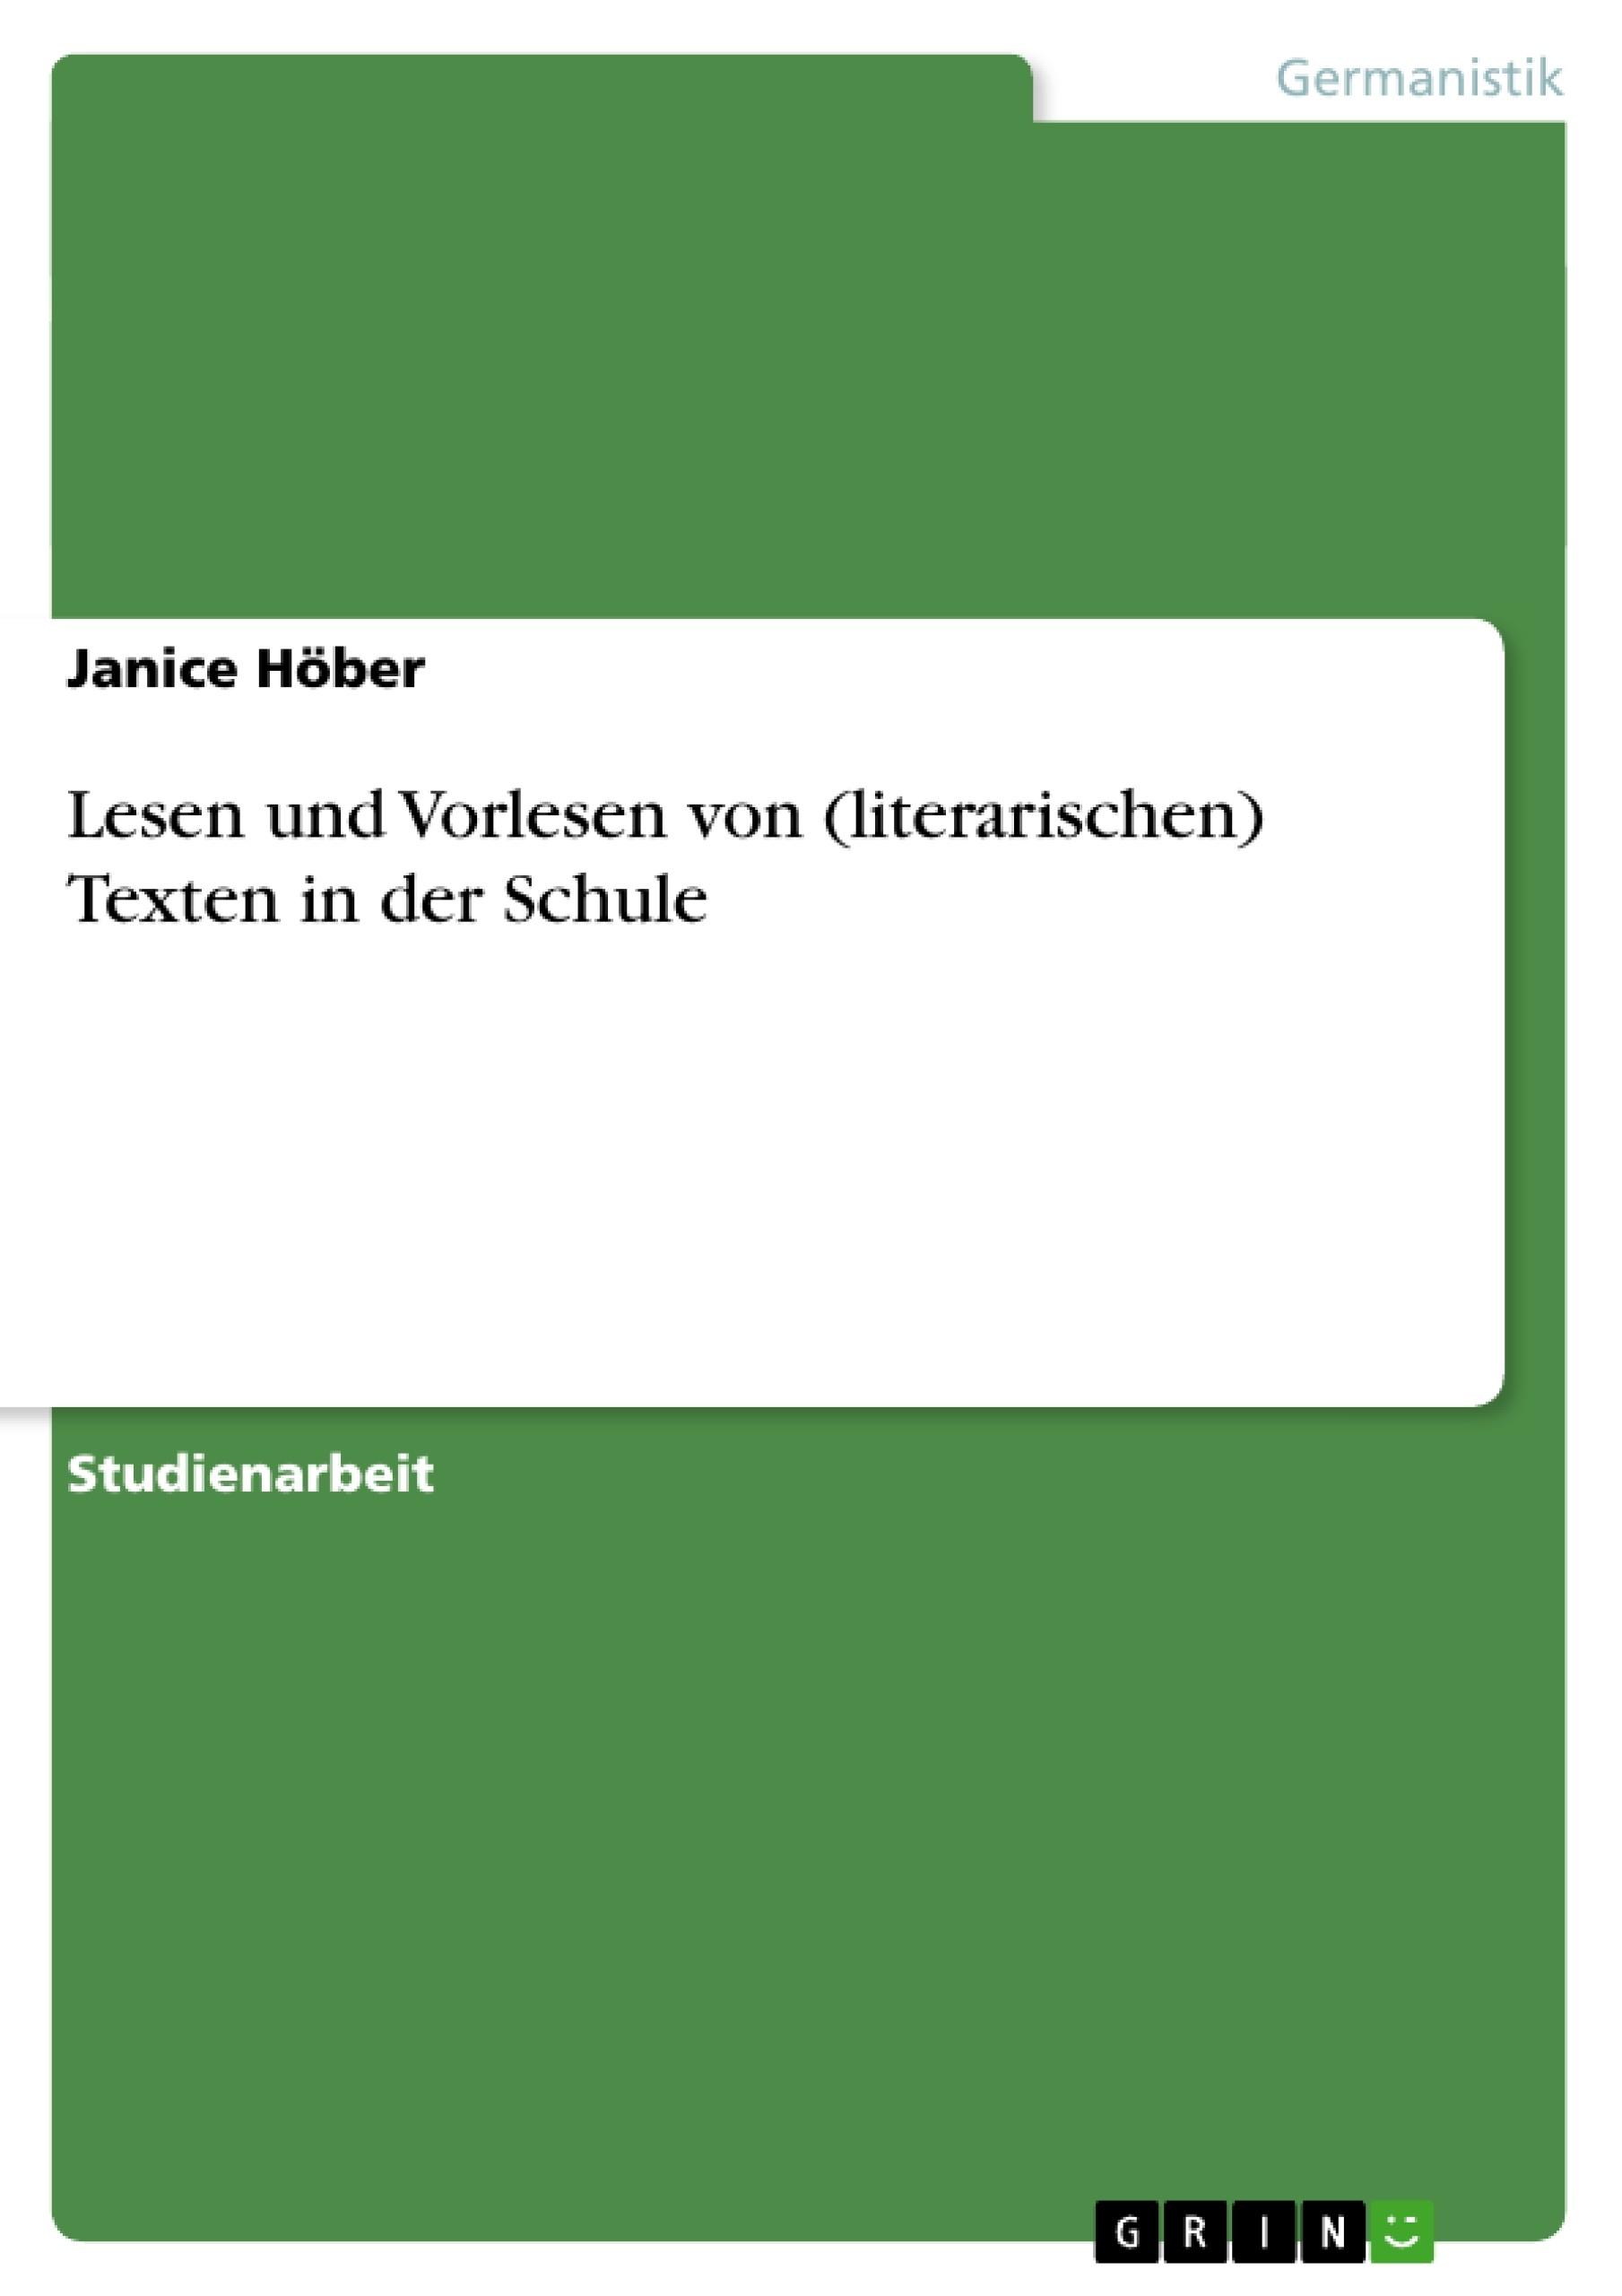 Titel: Lesen und Vorlesen von (literarischen) Texten in der Schule